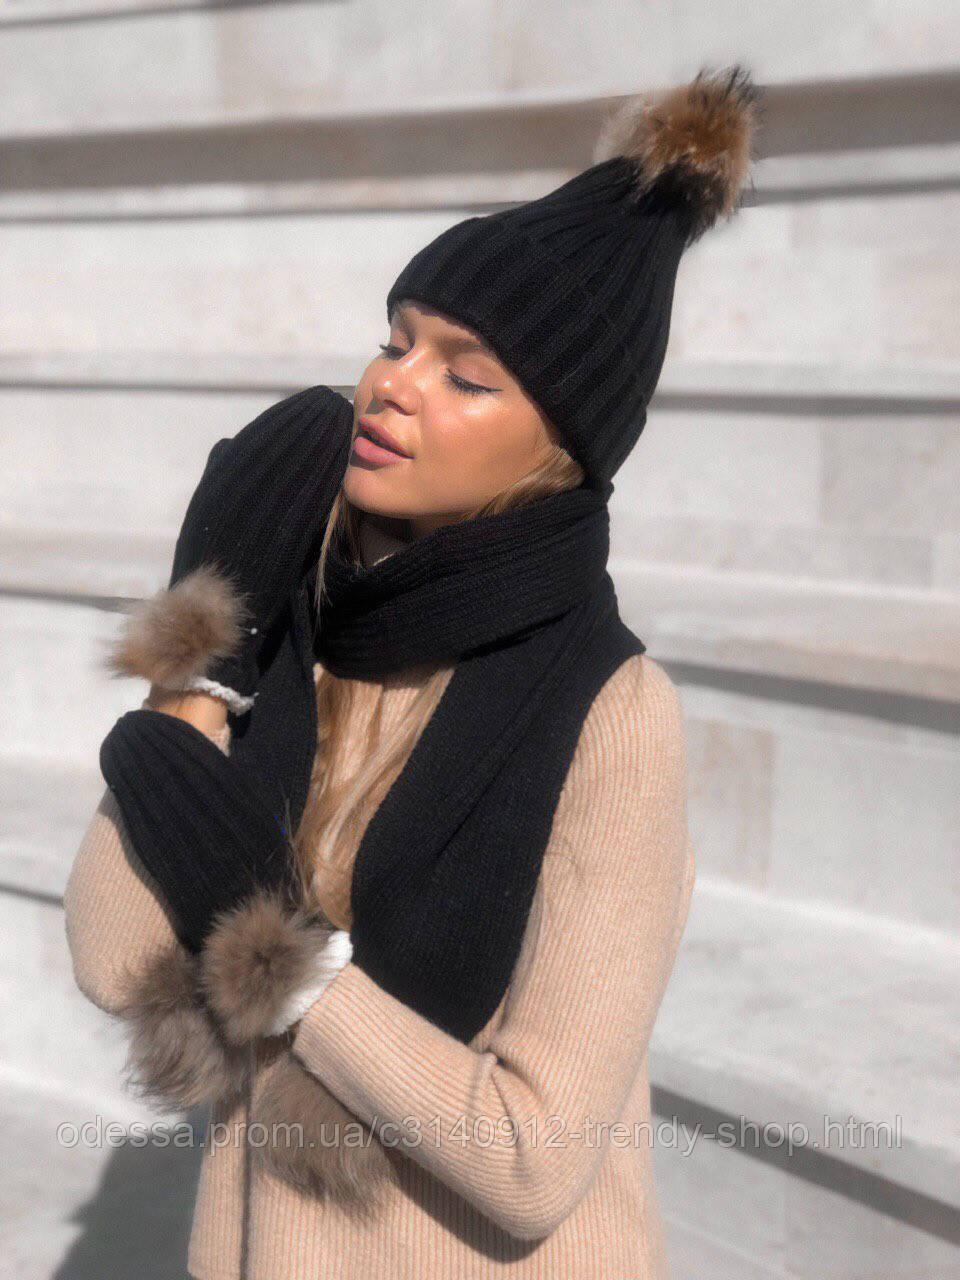 Набор женский шапка шарф перчатки, чёрный серый красный молочный